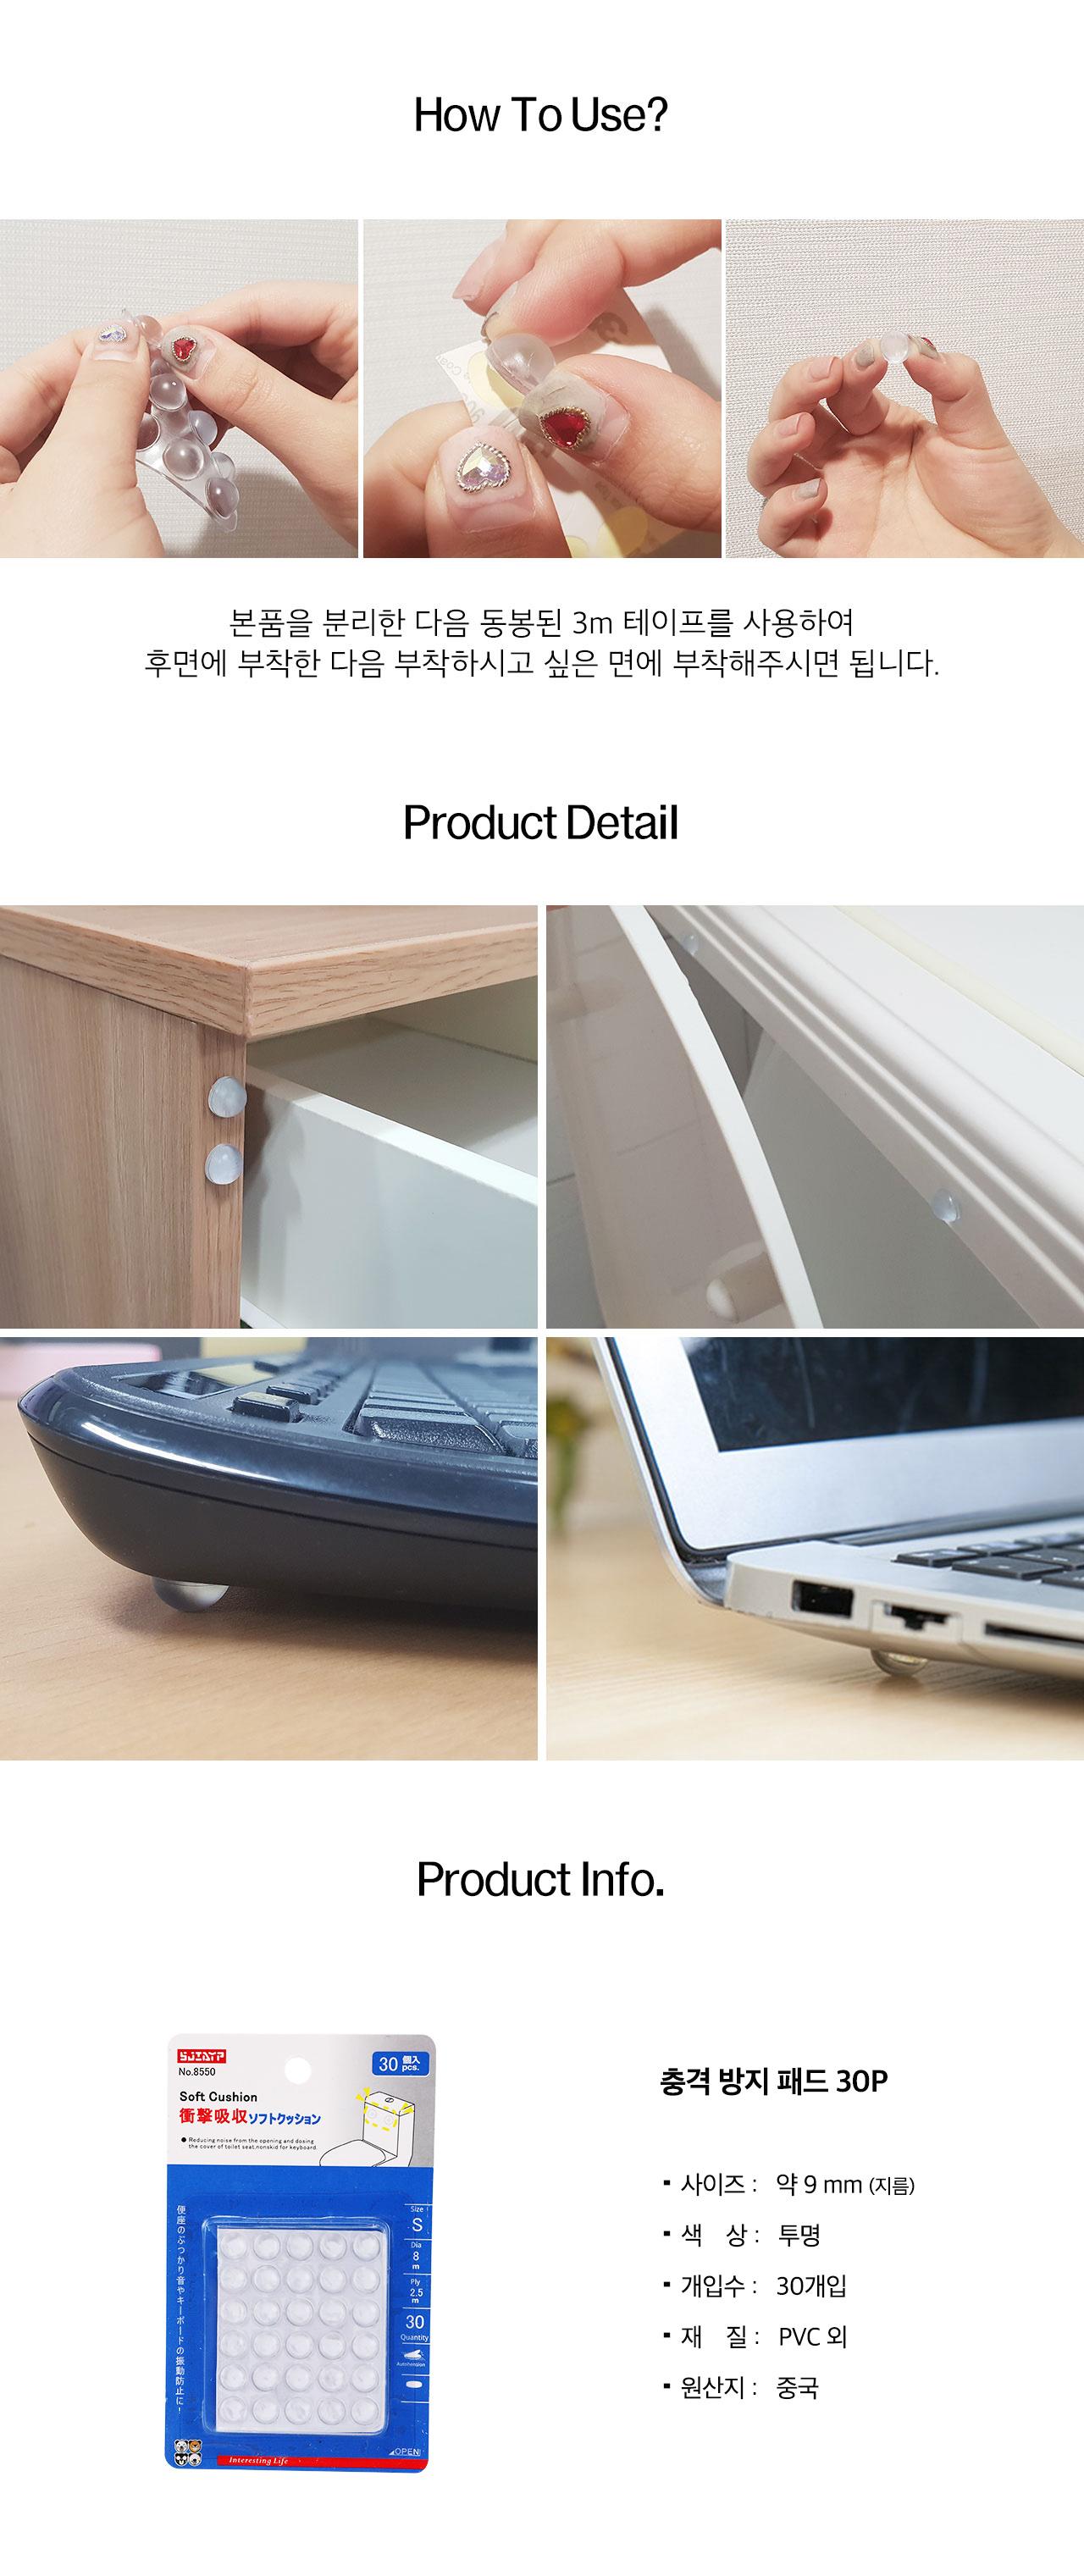 시바타 실리콘 충격흡수패드 24P - 드레텍, 2,900원, 생활잡화, 소음방지 매트